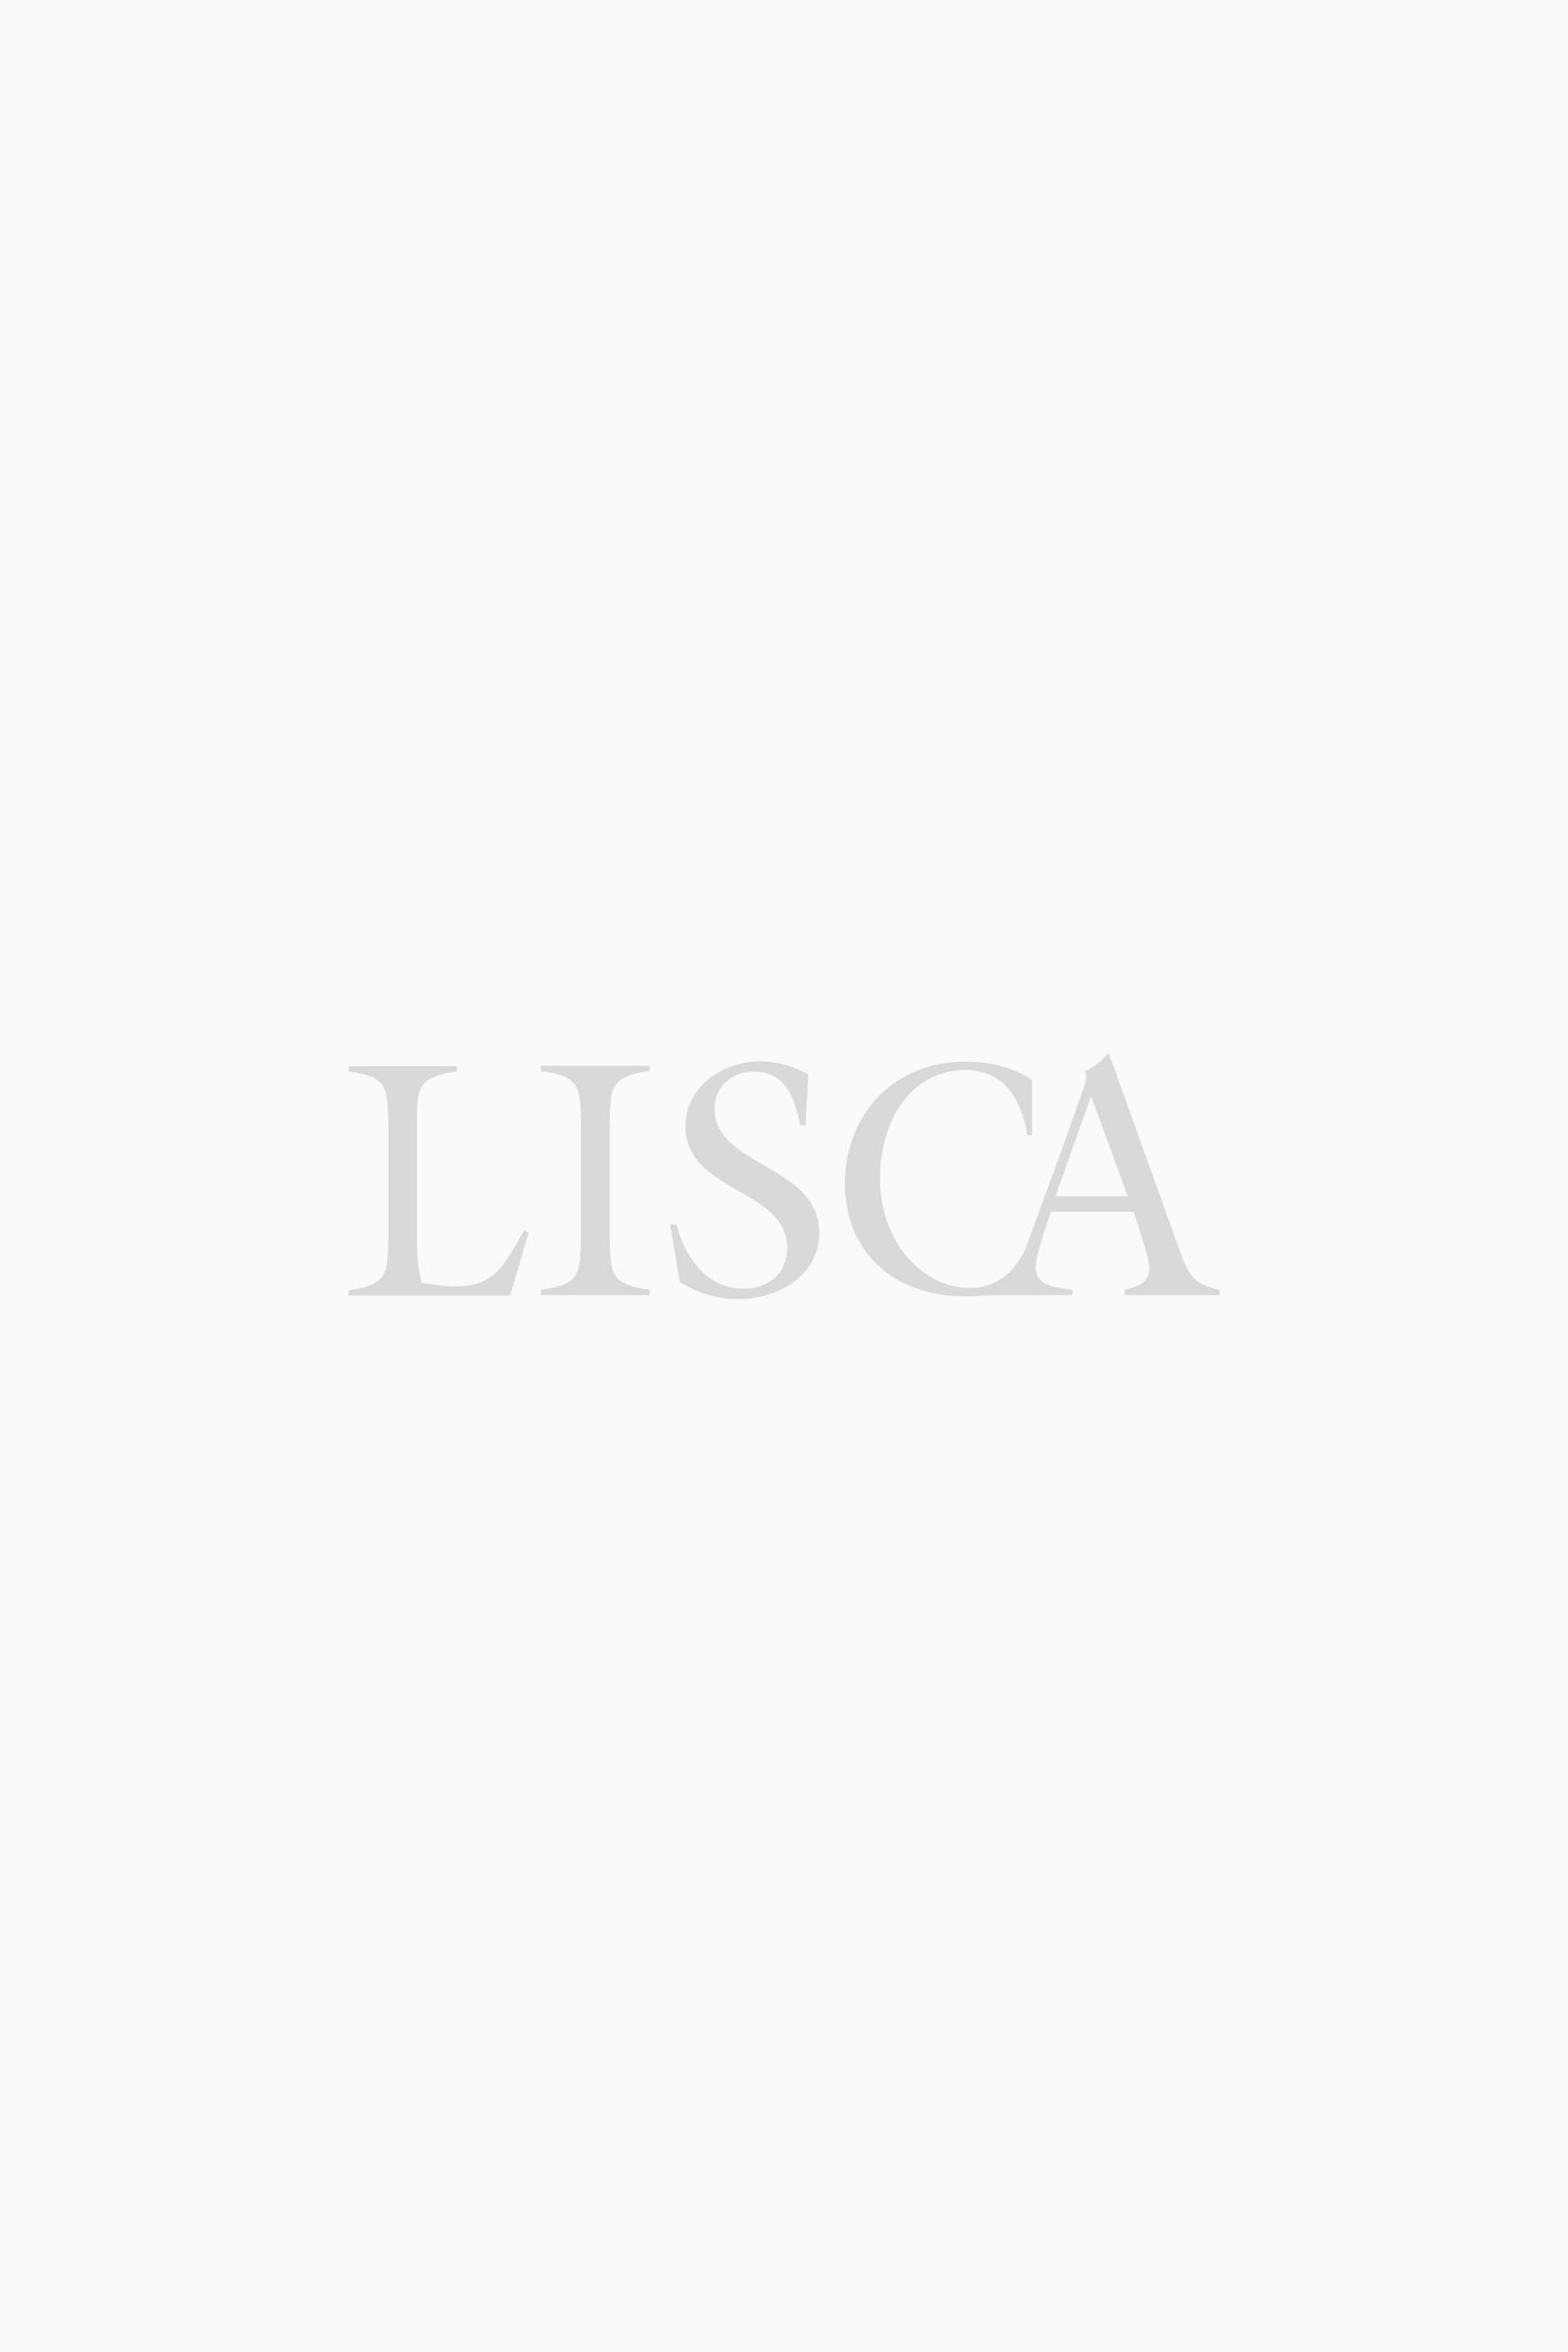 Jednodijelni kupaći bez žice »Bilbao«